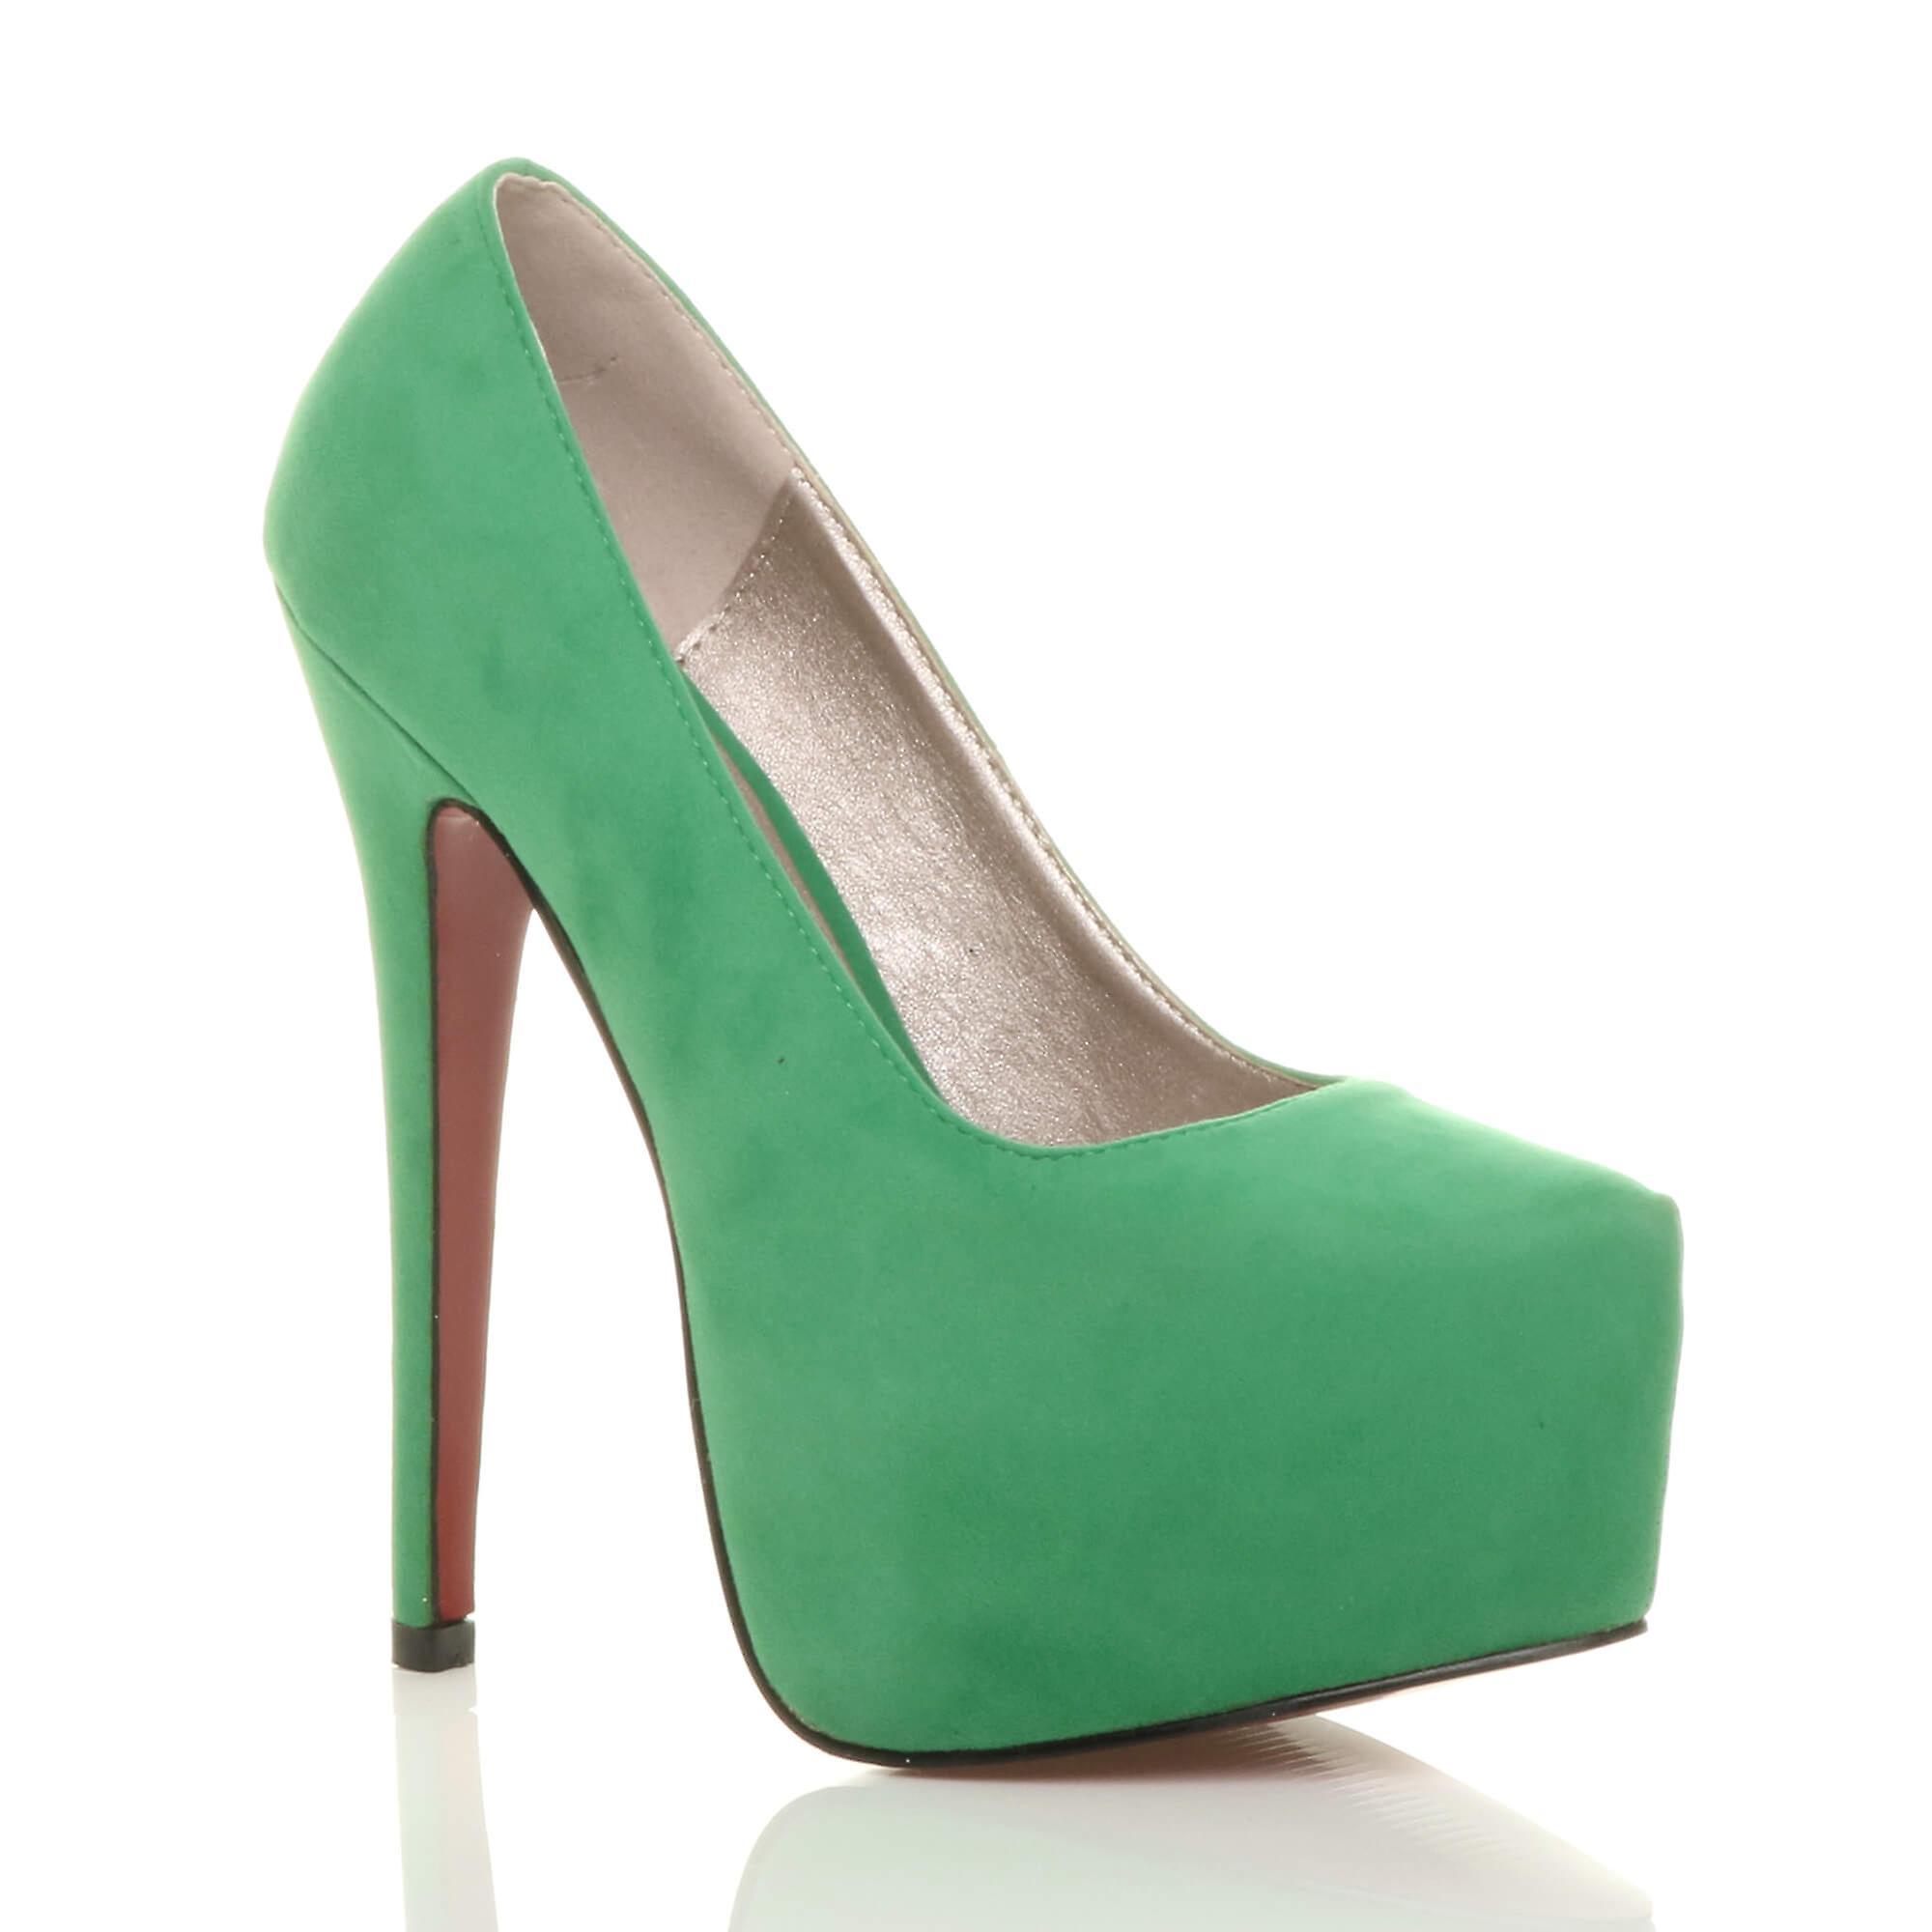 Ajvani damskie wysokie szpilki ukryte pompy buty platformy strony sądu 4bGAC